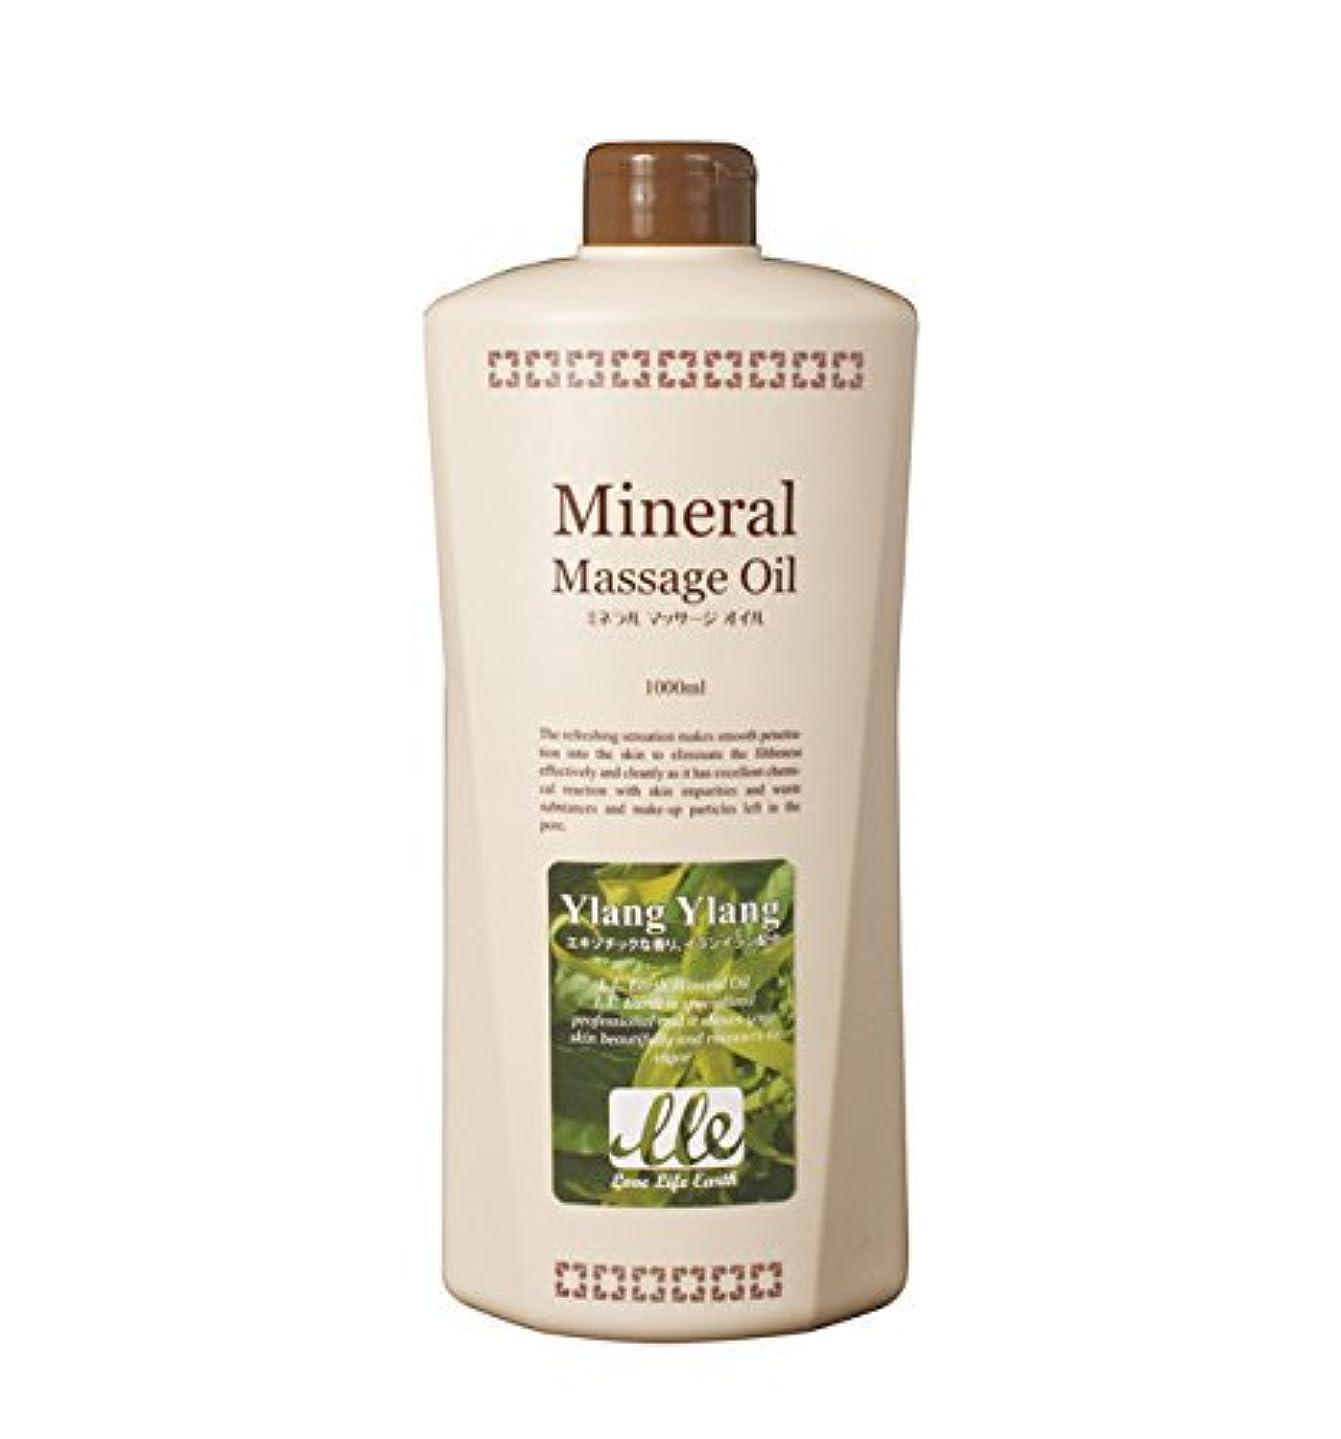 リダクター分割アウターLLE 業務用 ミネラル マッサージオイル [香り5種] (ボディ用) イランイラン1L